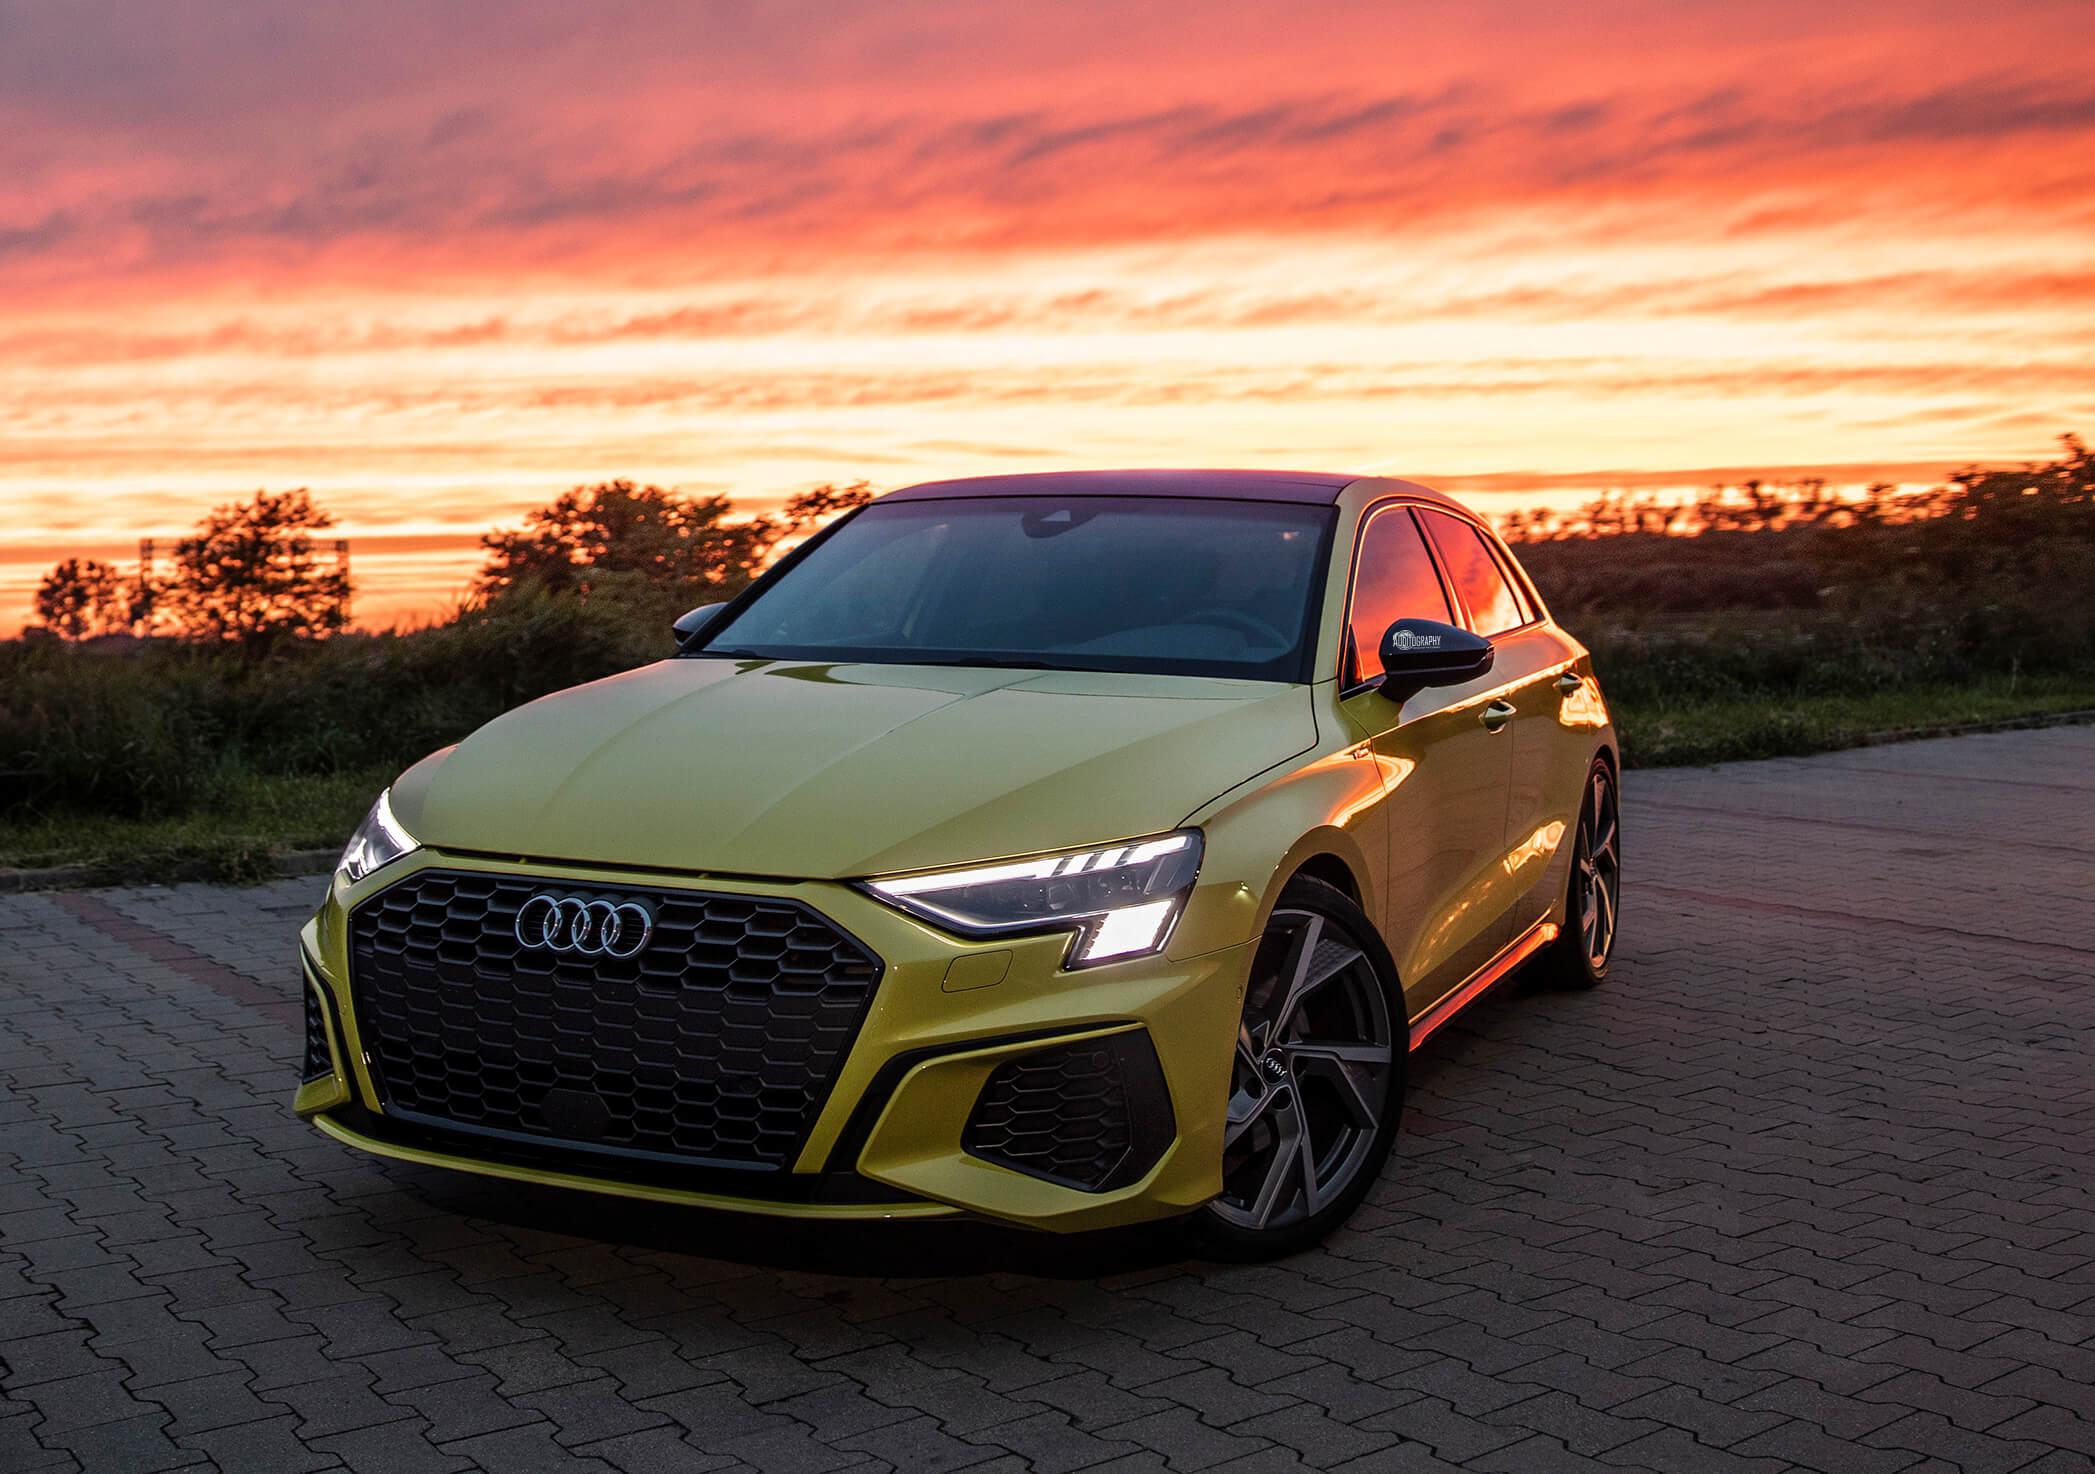 Next Gen 2021 Audi A3 Sedan Debut | Page 13 | Audi-Sport.net